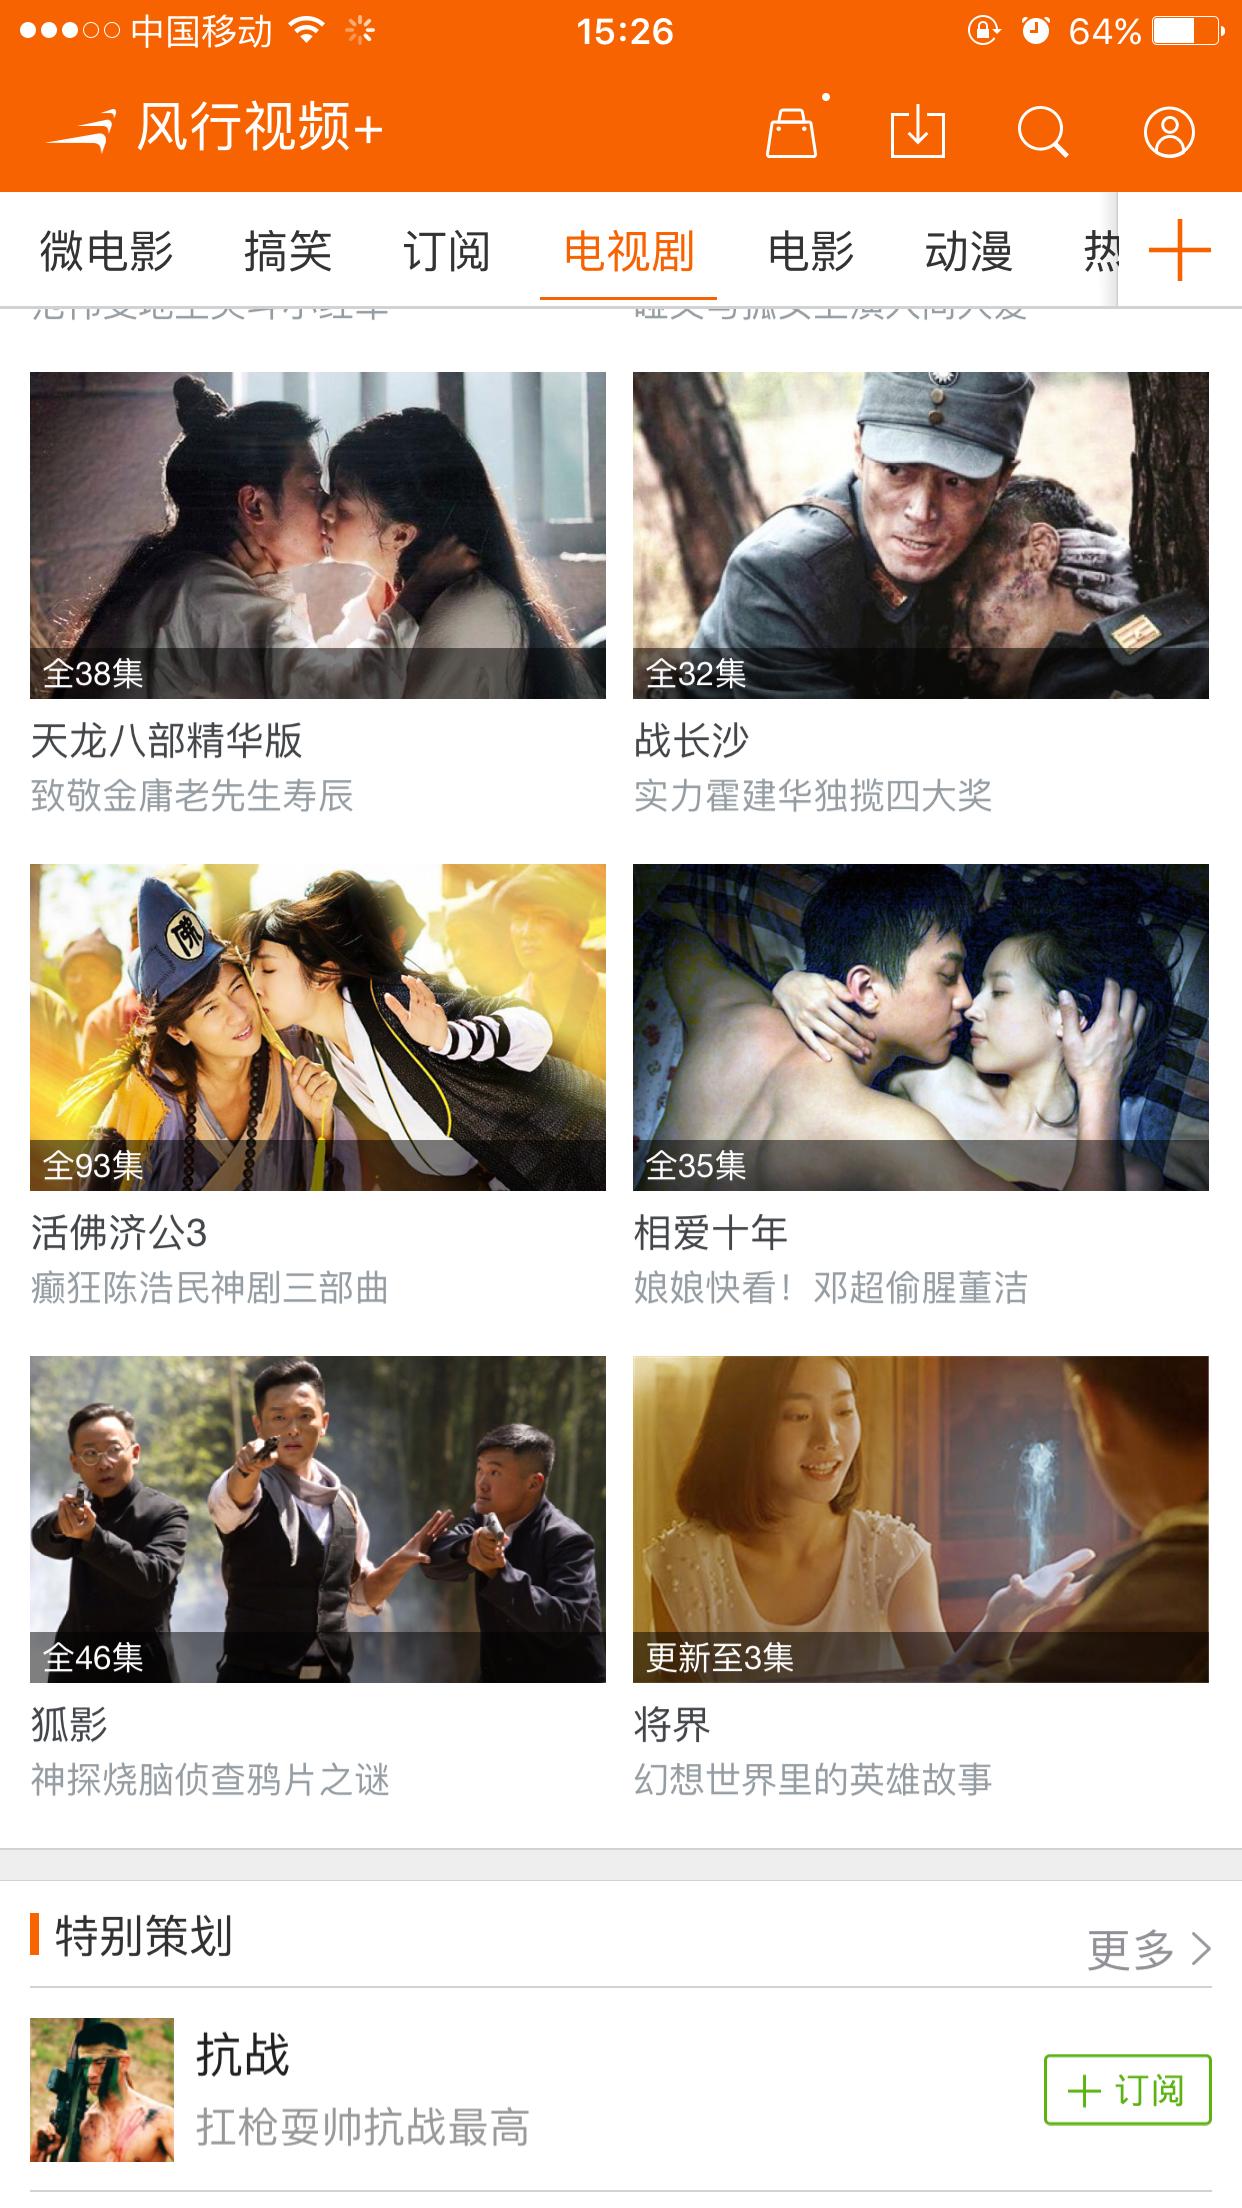 风行app电视剧 将界 02